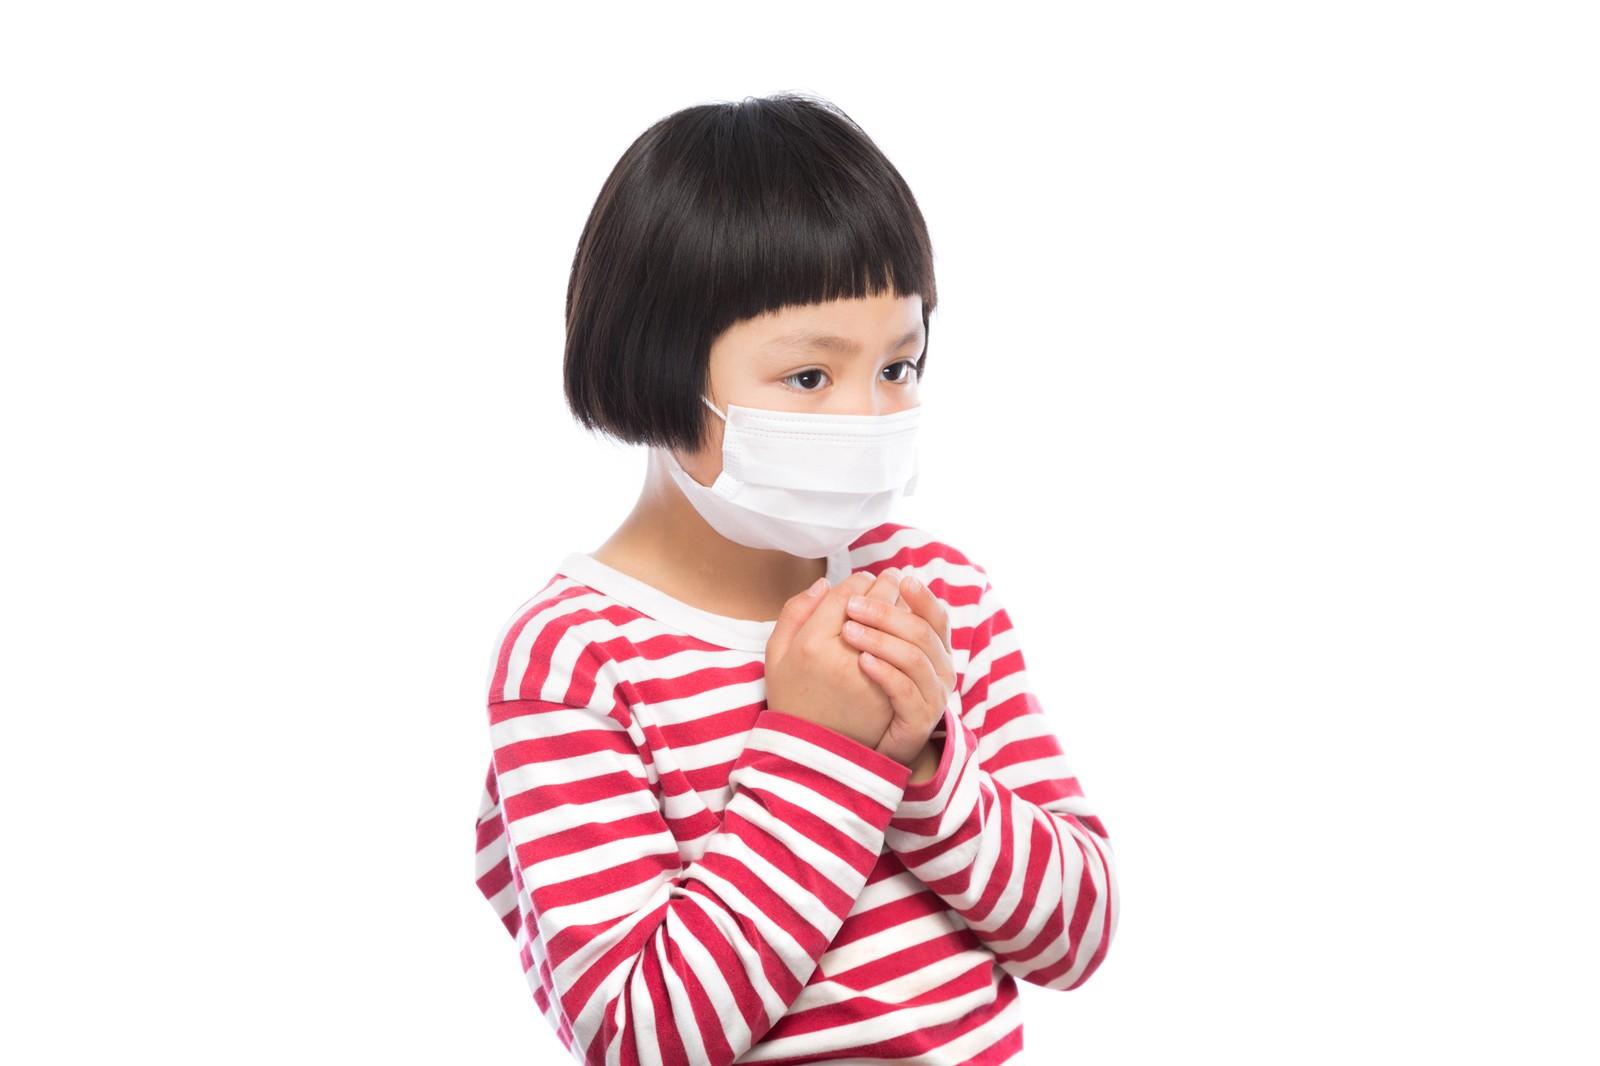 子供の風邪で休むのいいかもしれませんね